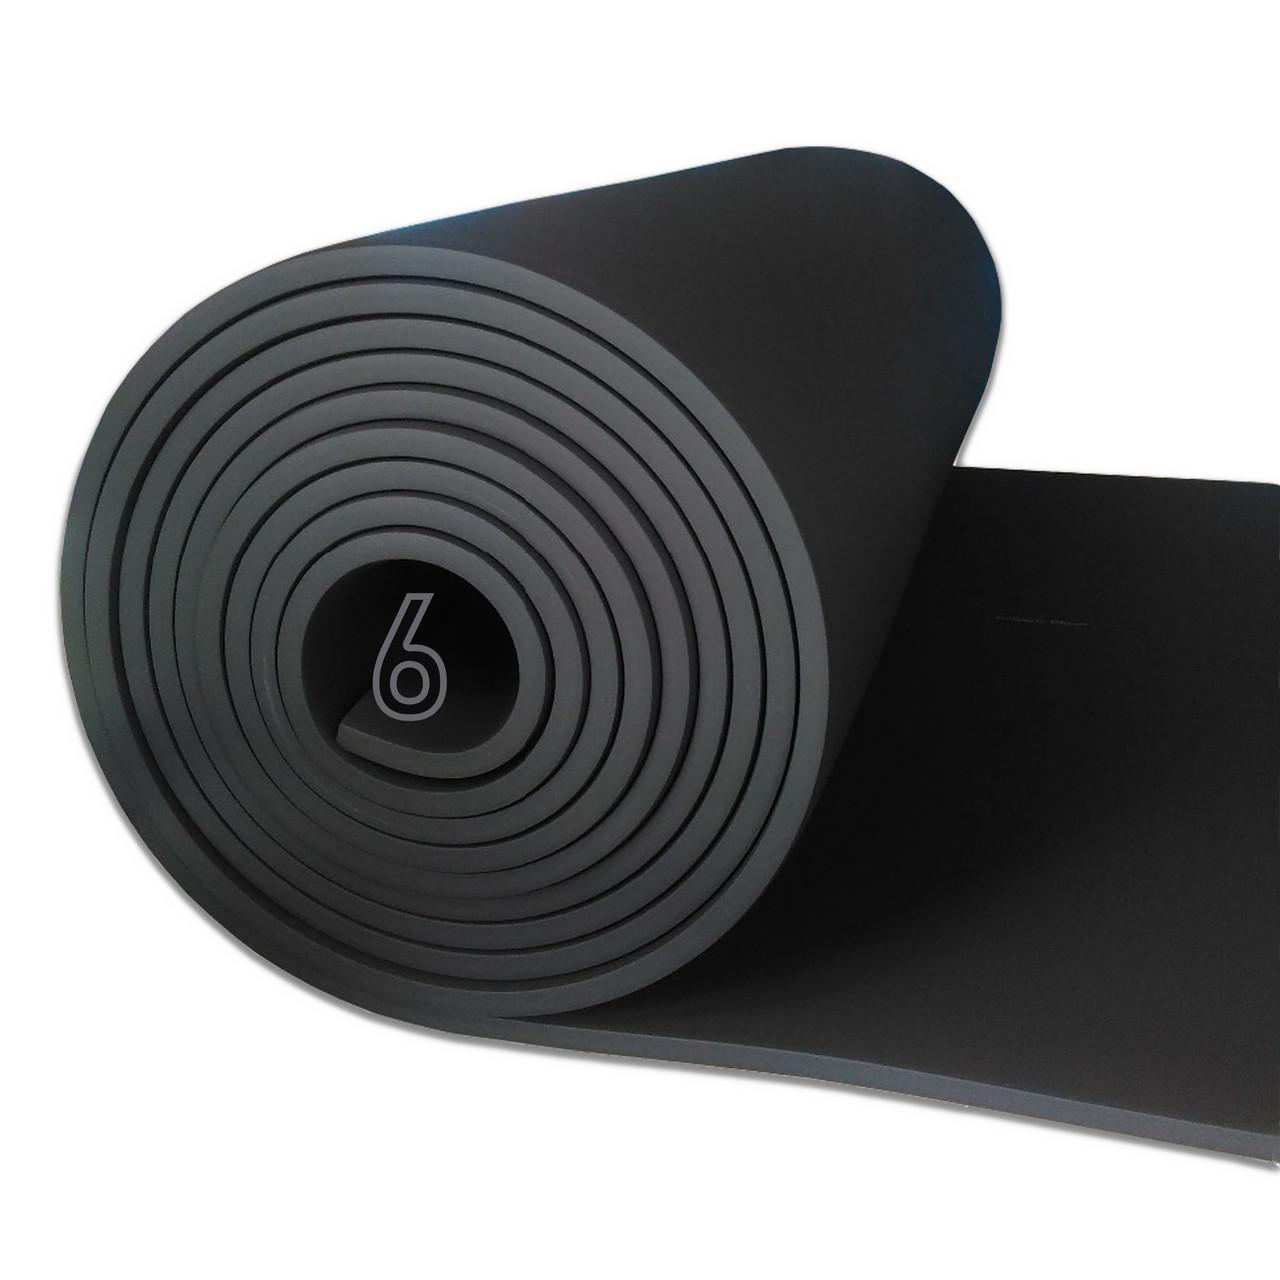 Вспененный каучук 6 мм цена за рулон (утеплитель, шумоизоляция)